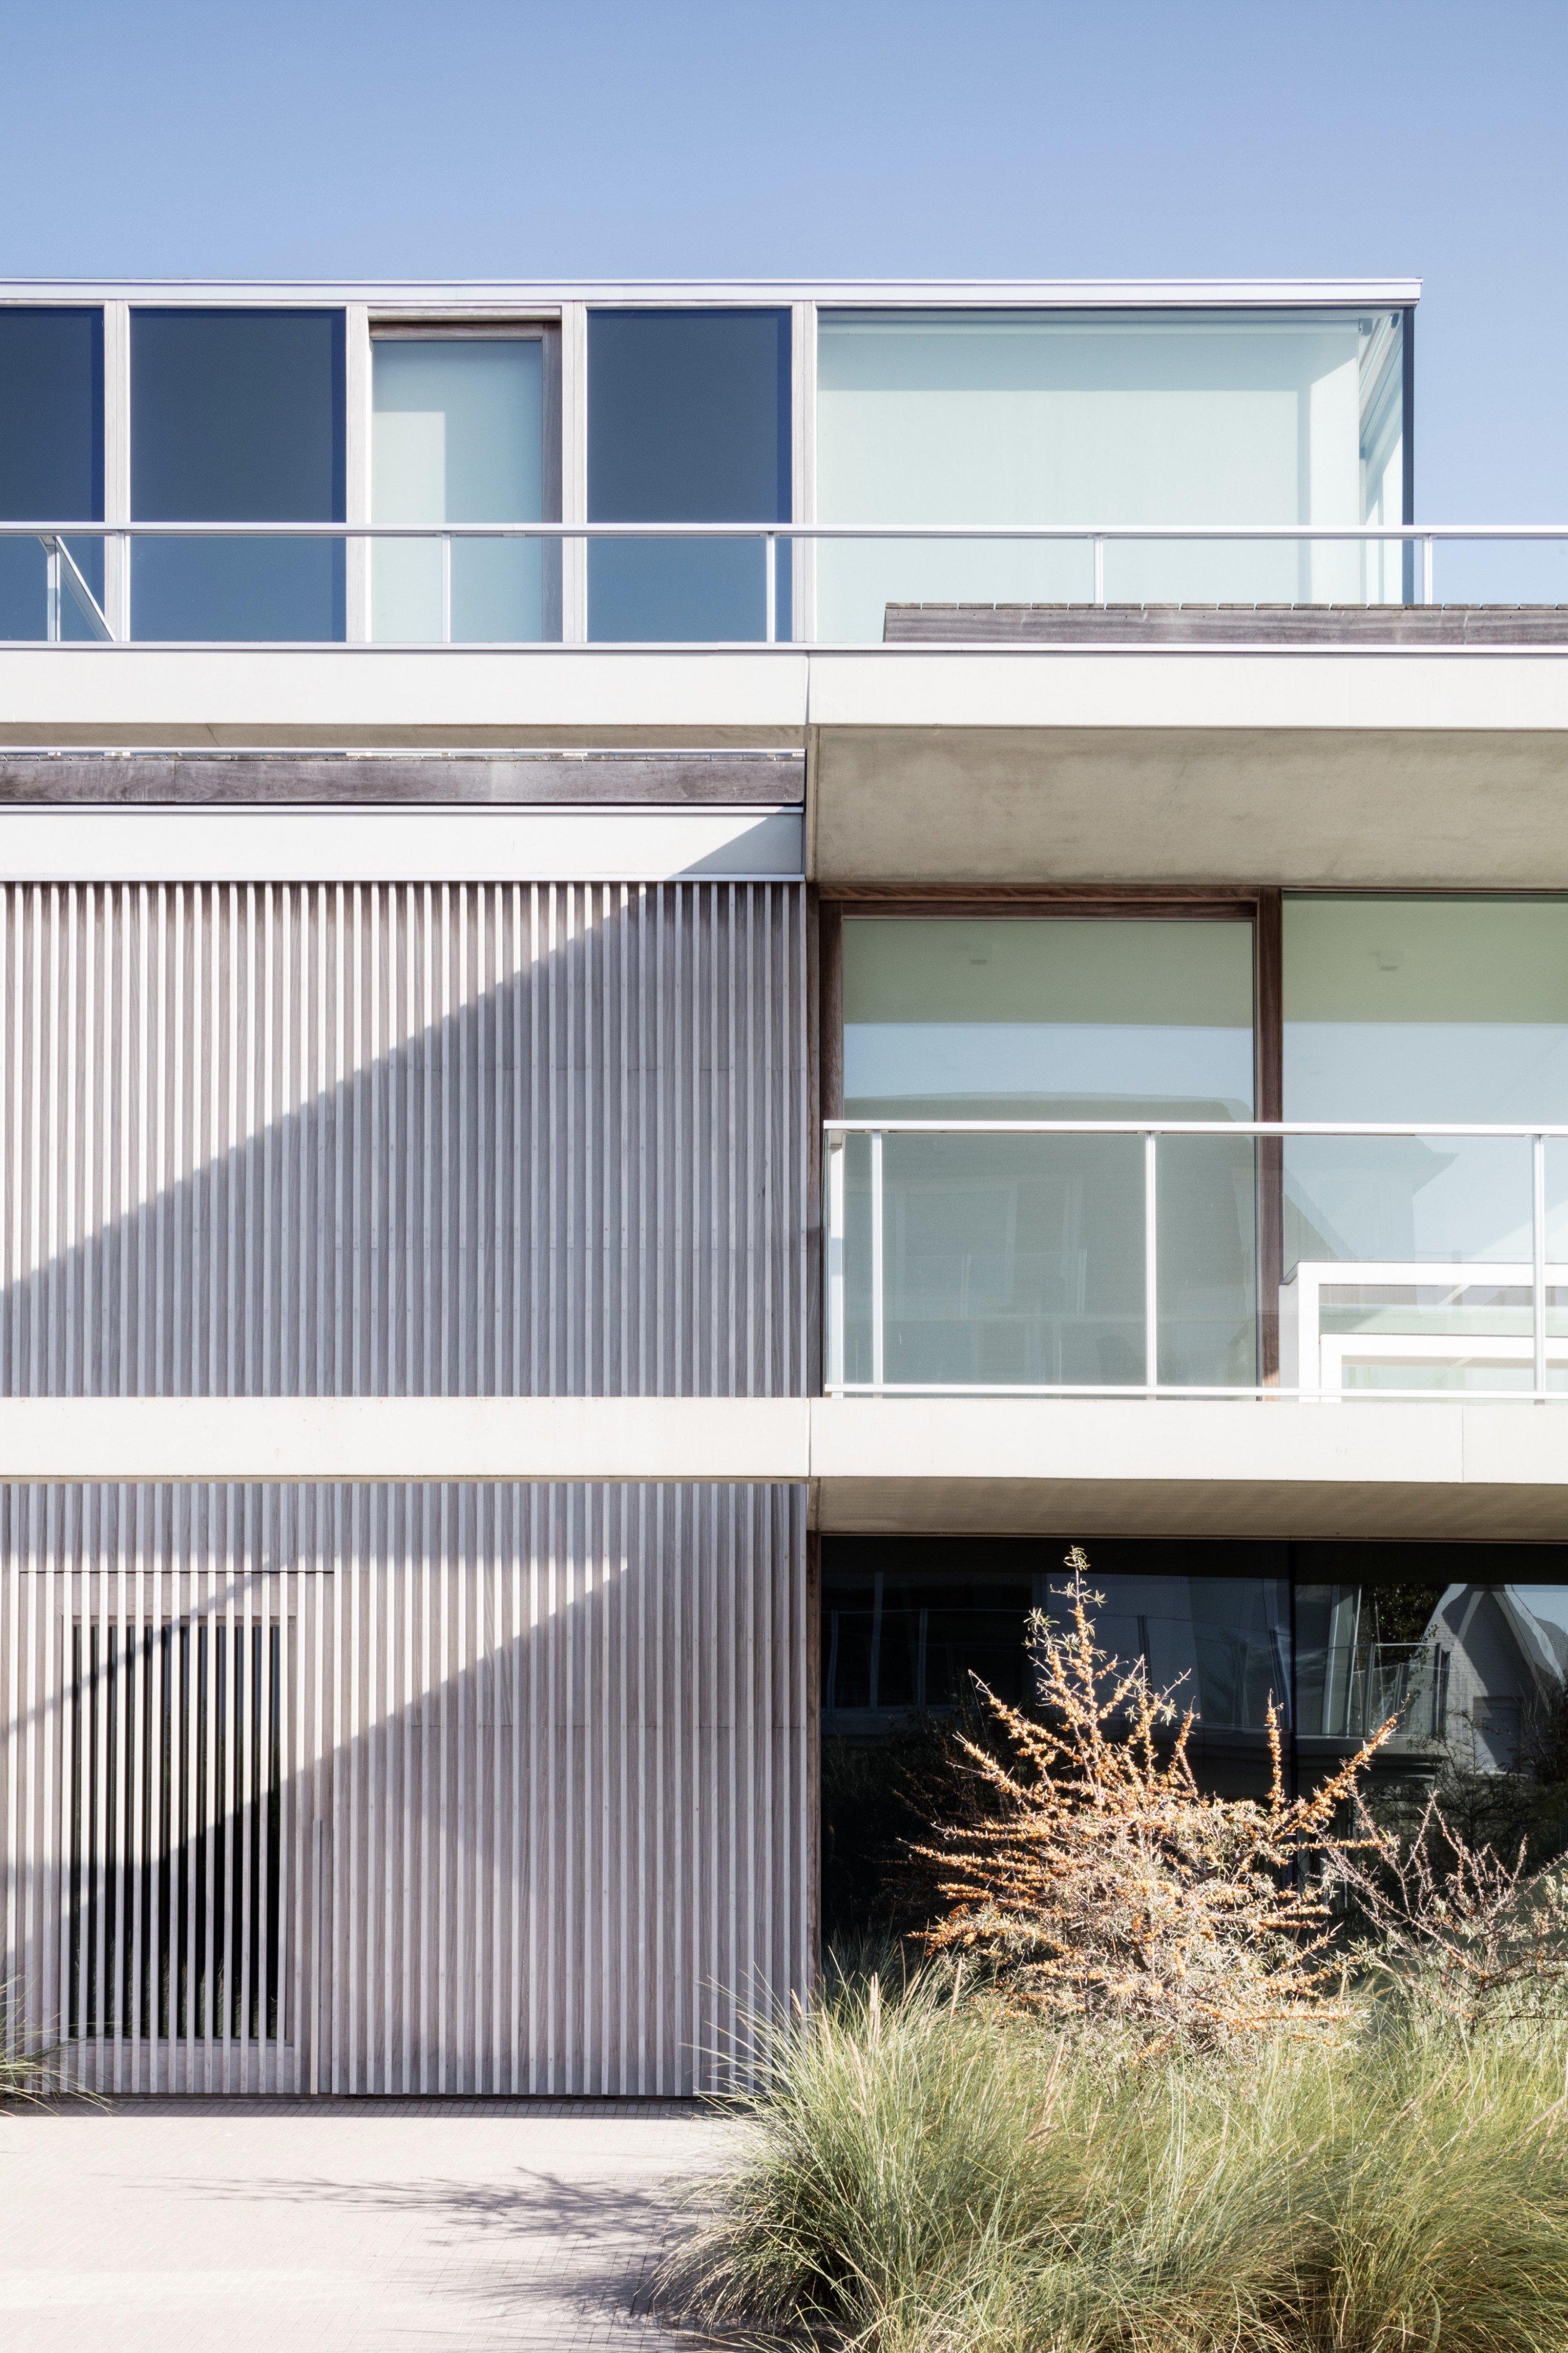 Rietveldprojects-Corbu-Koksijde-Fototimvandevelde2